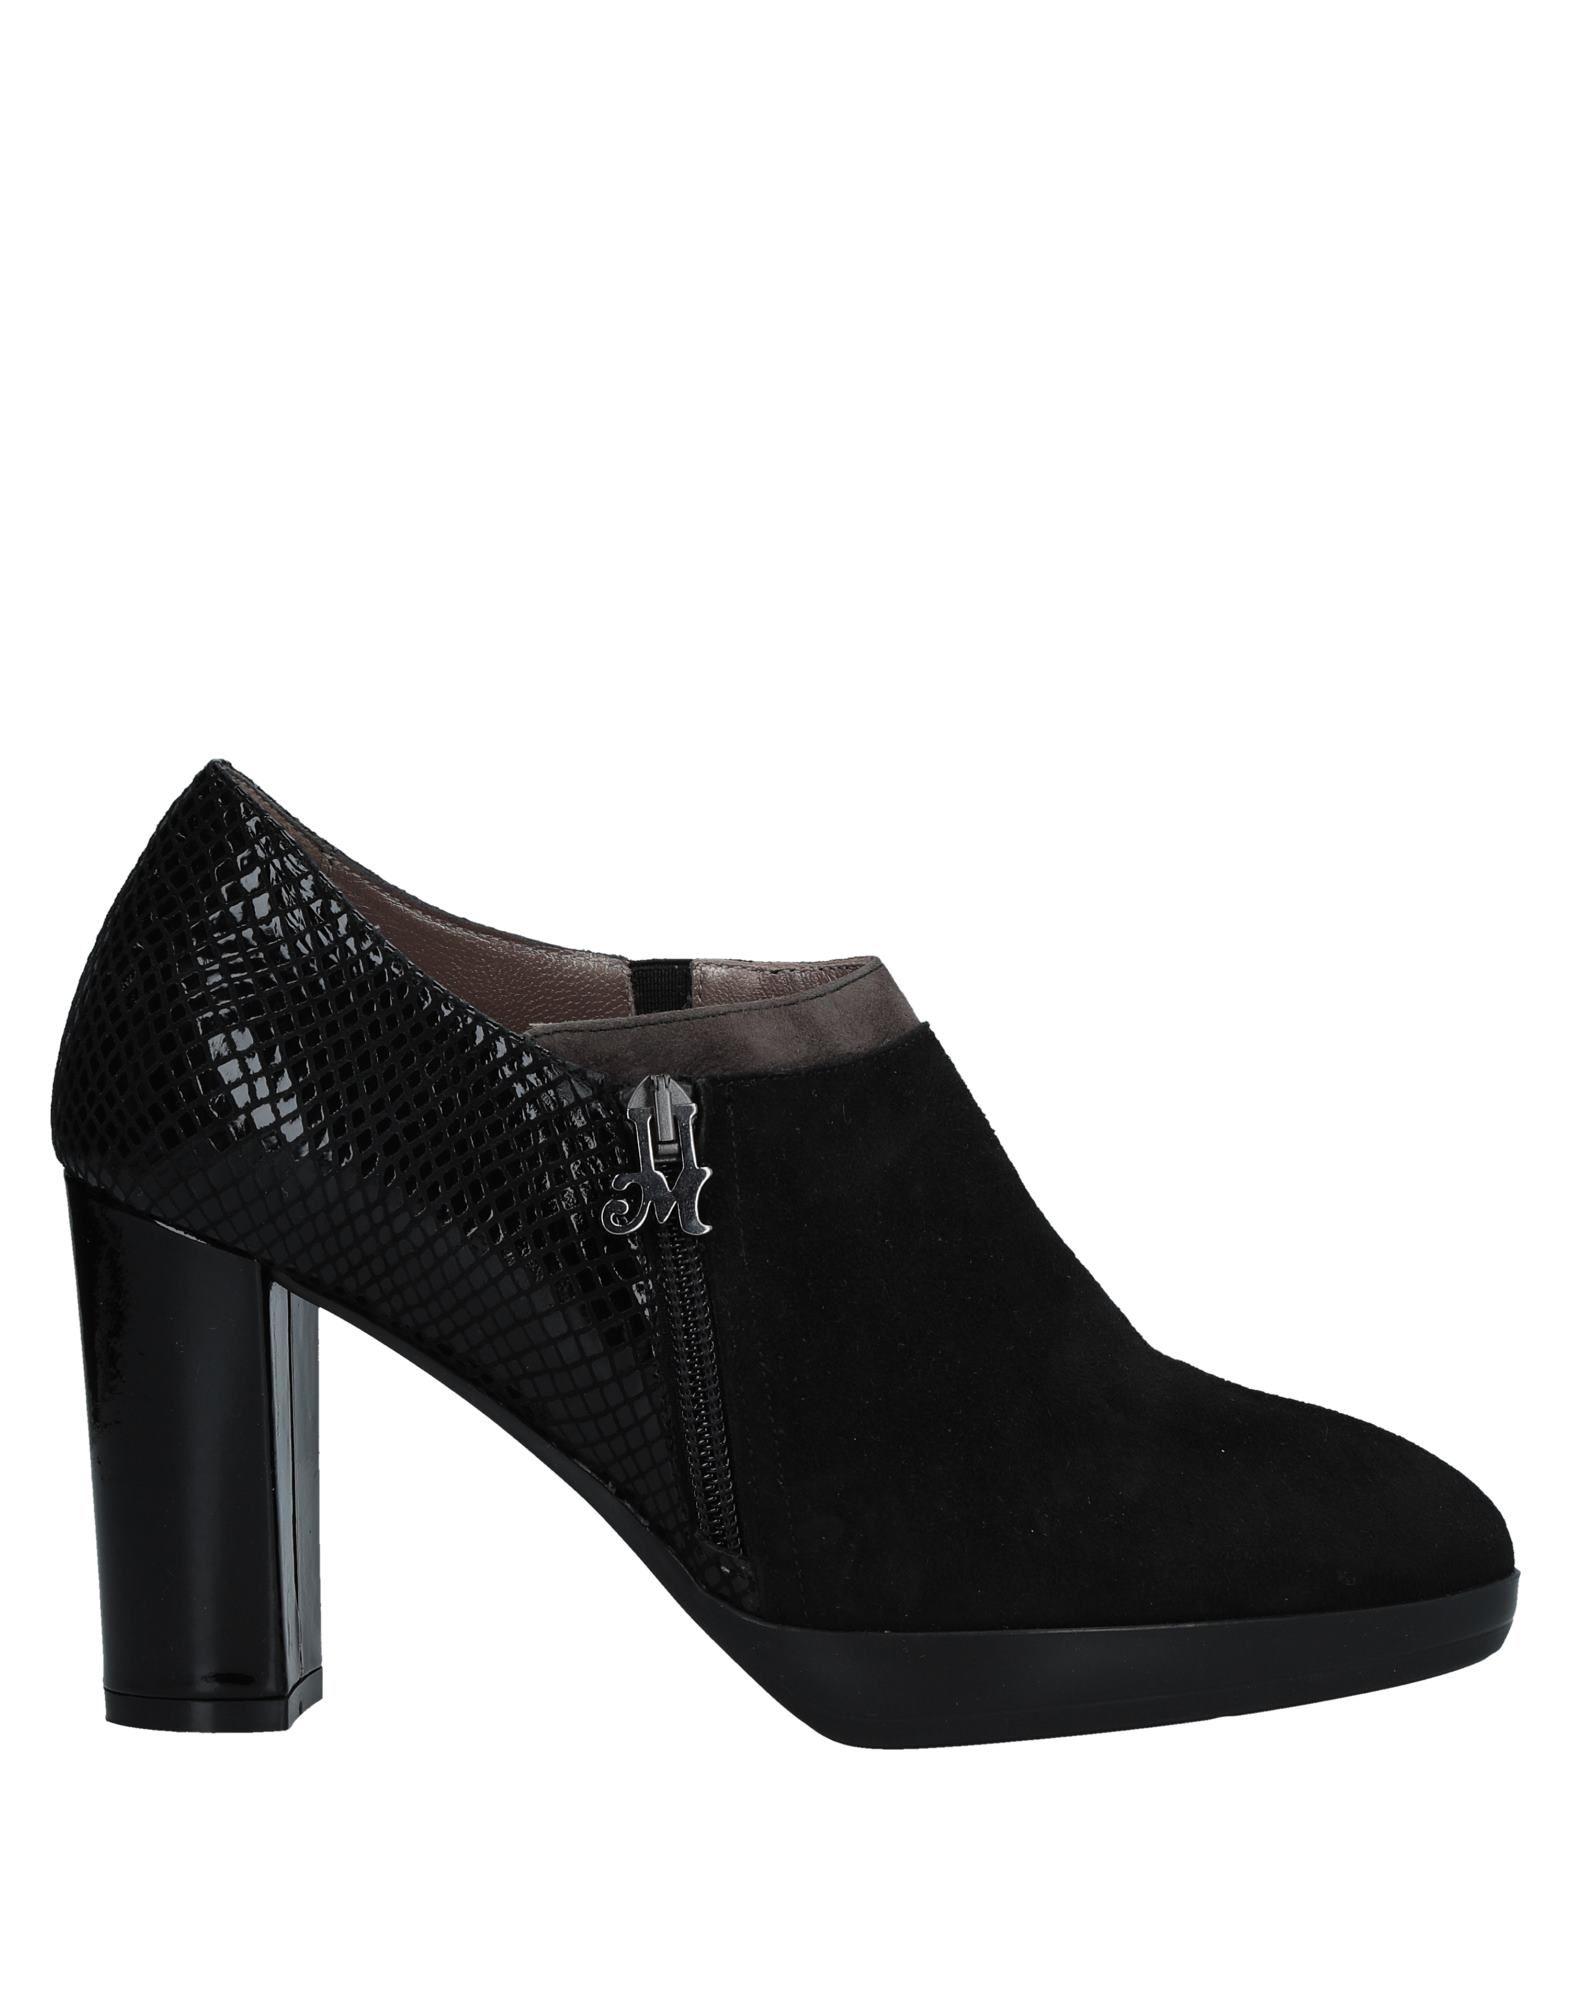 Melluso Stiefelette Damen  beliebte 11534926DR Gute Qualität beliebte  Schuhe 7cbb44